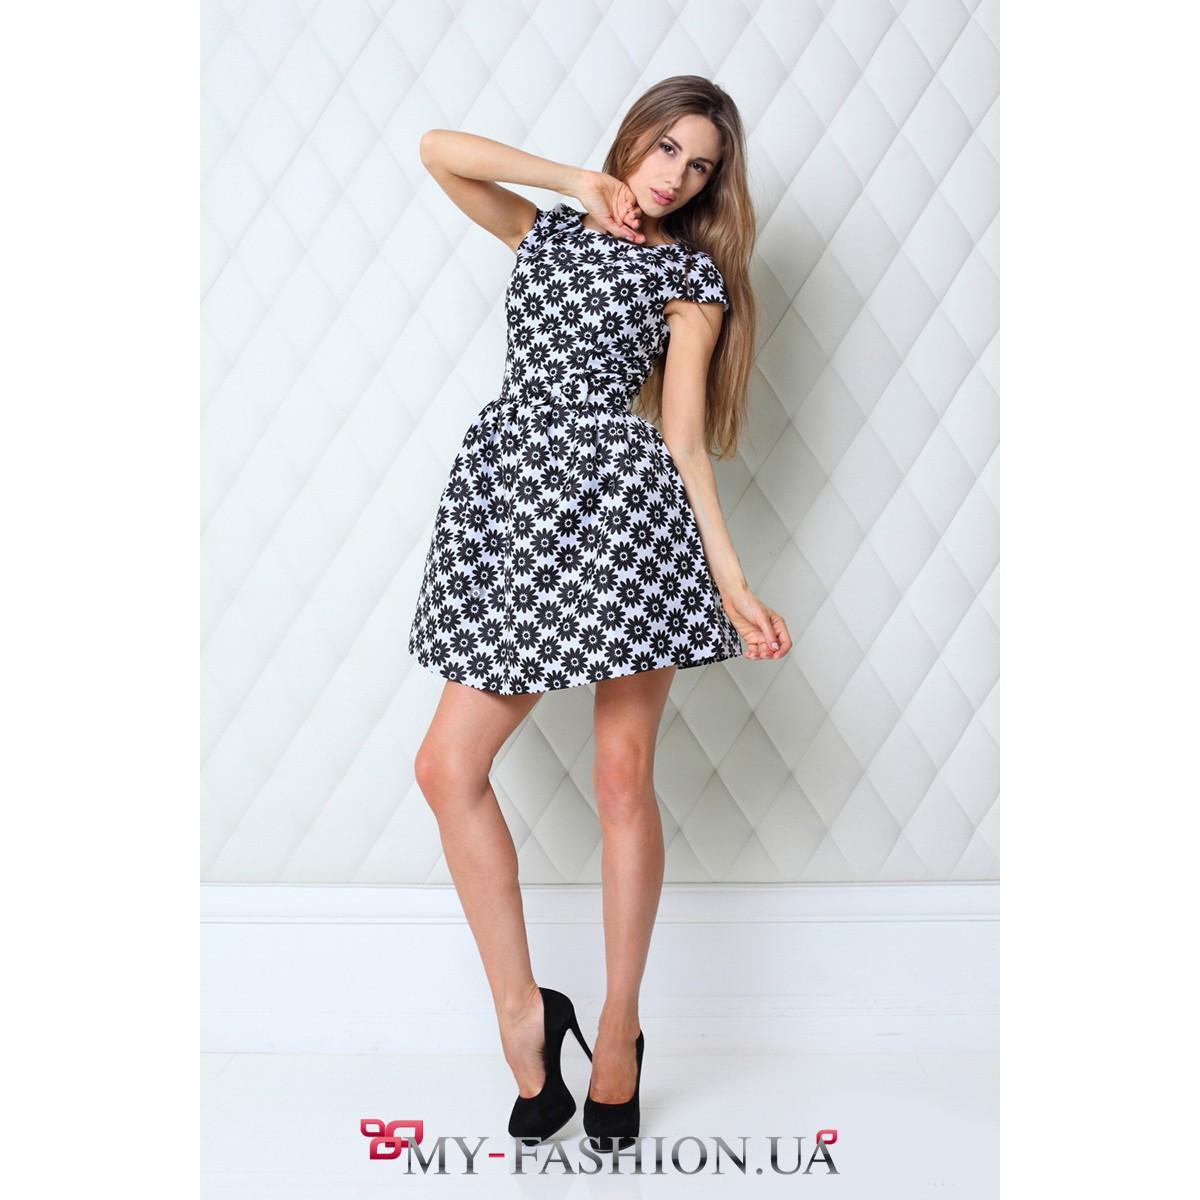 Купить Платье В Интернет Магазине Бежевое